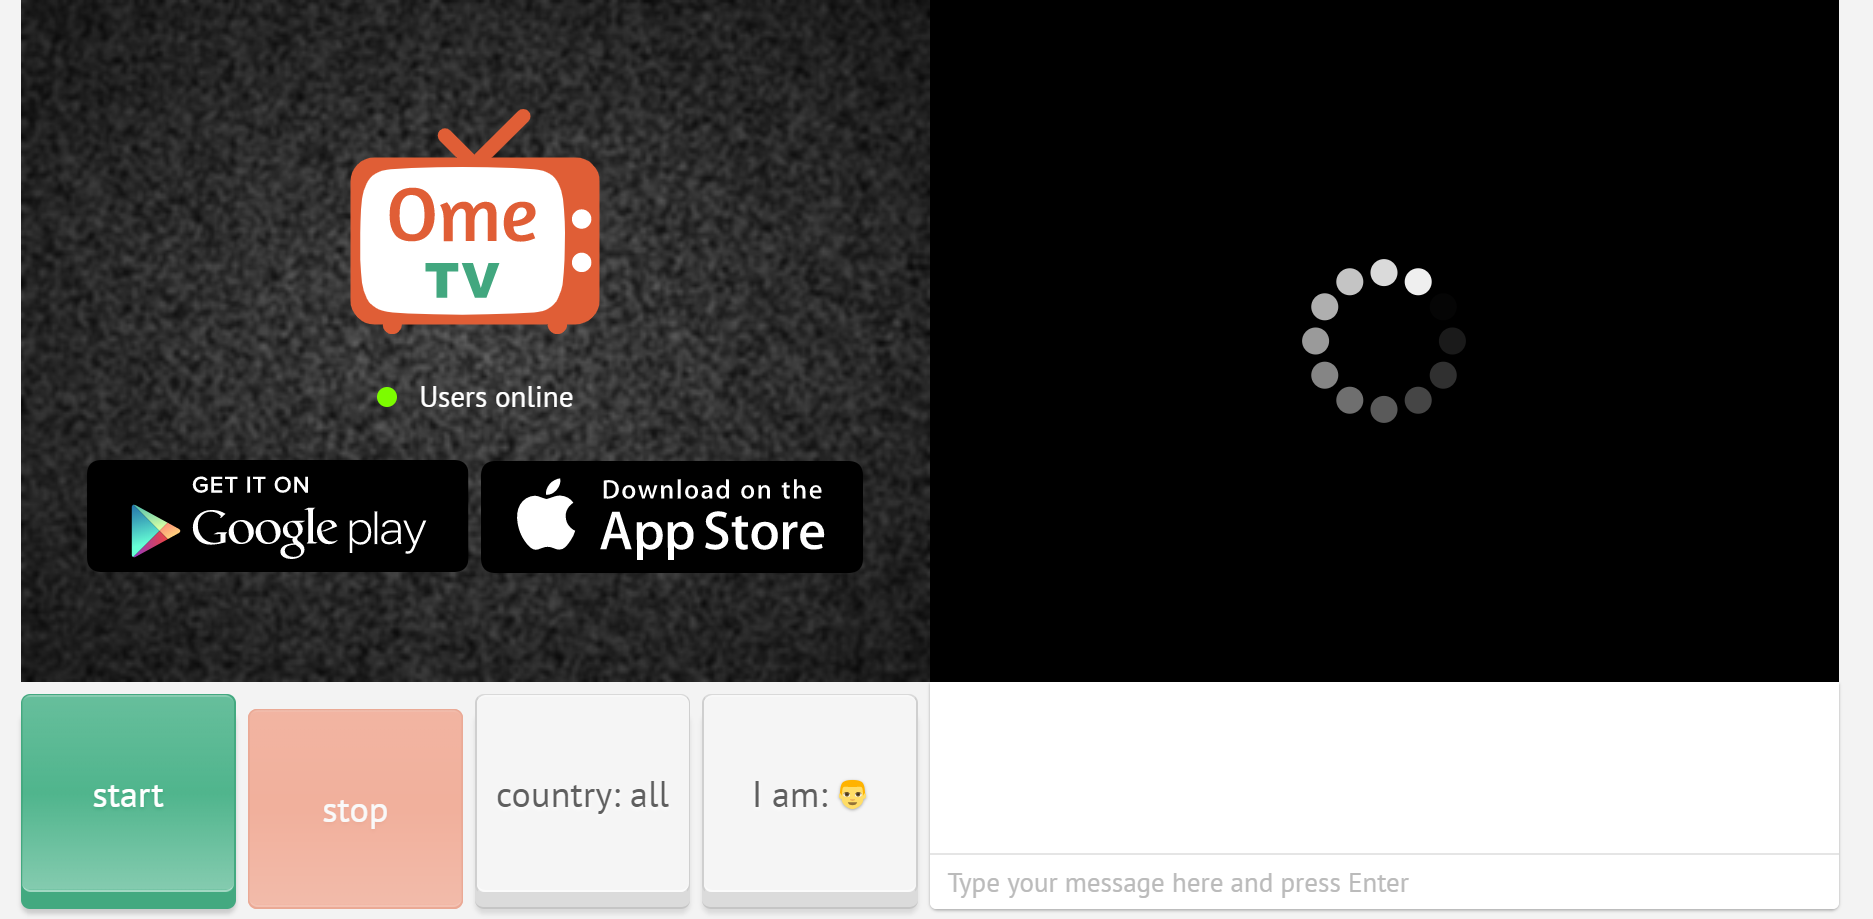 Ome.tv : el chat aleatorio 100% gratuito